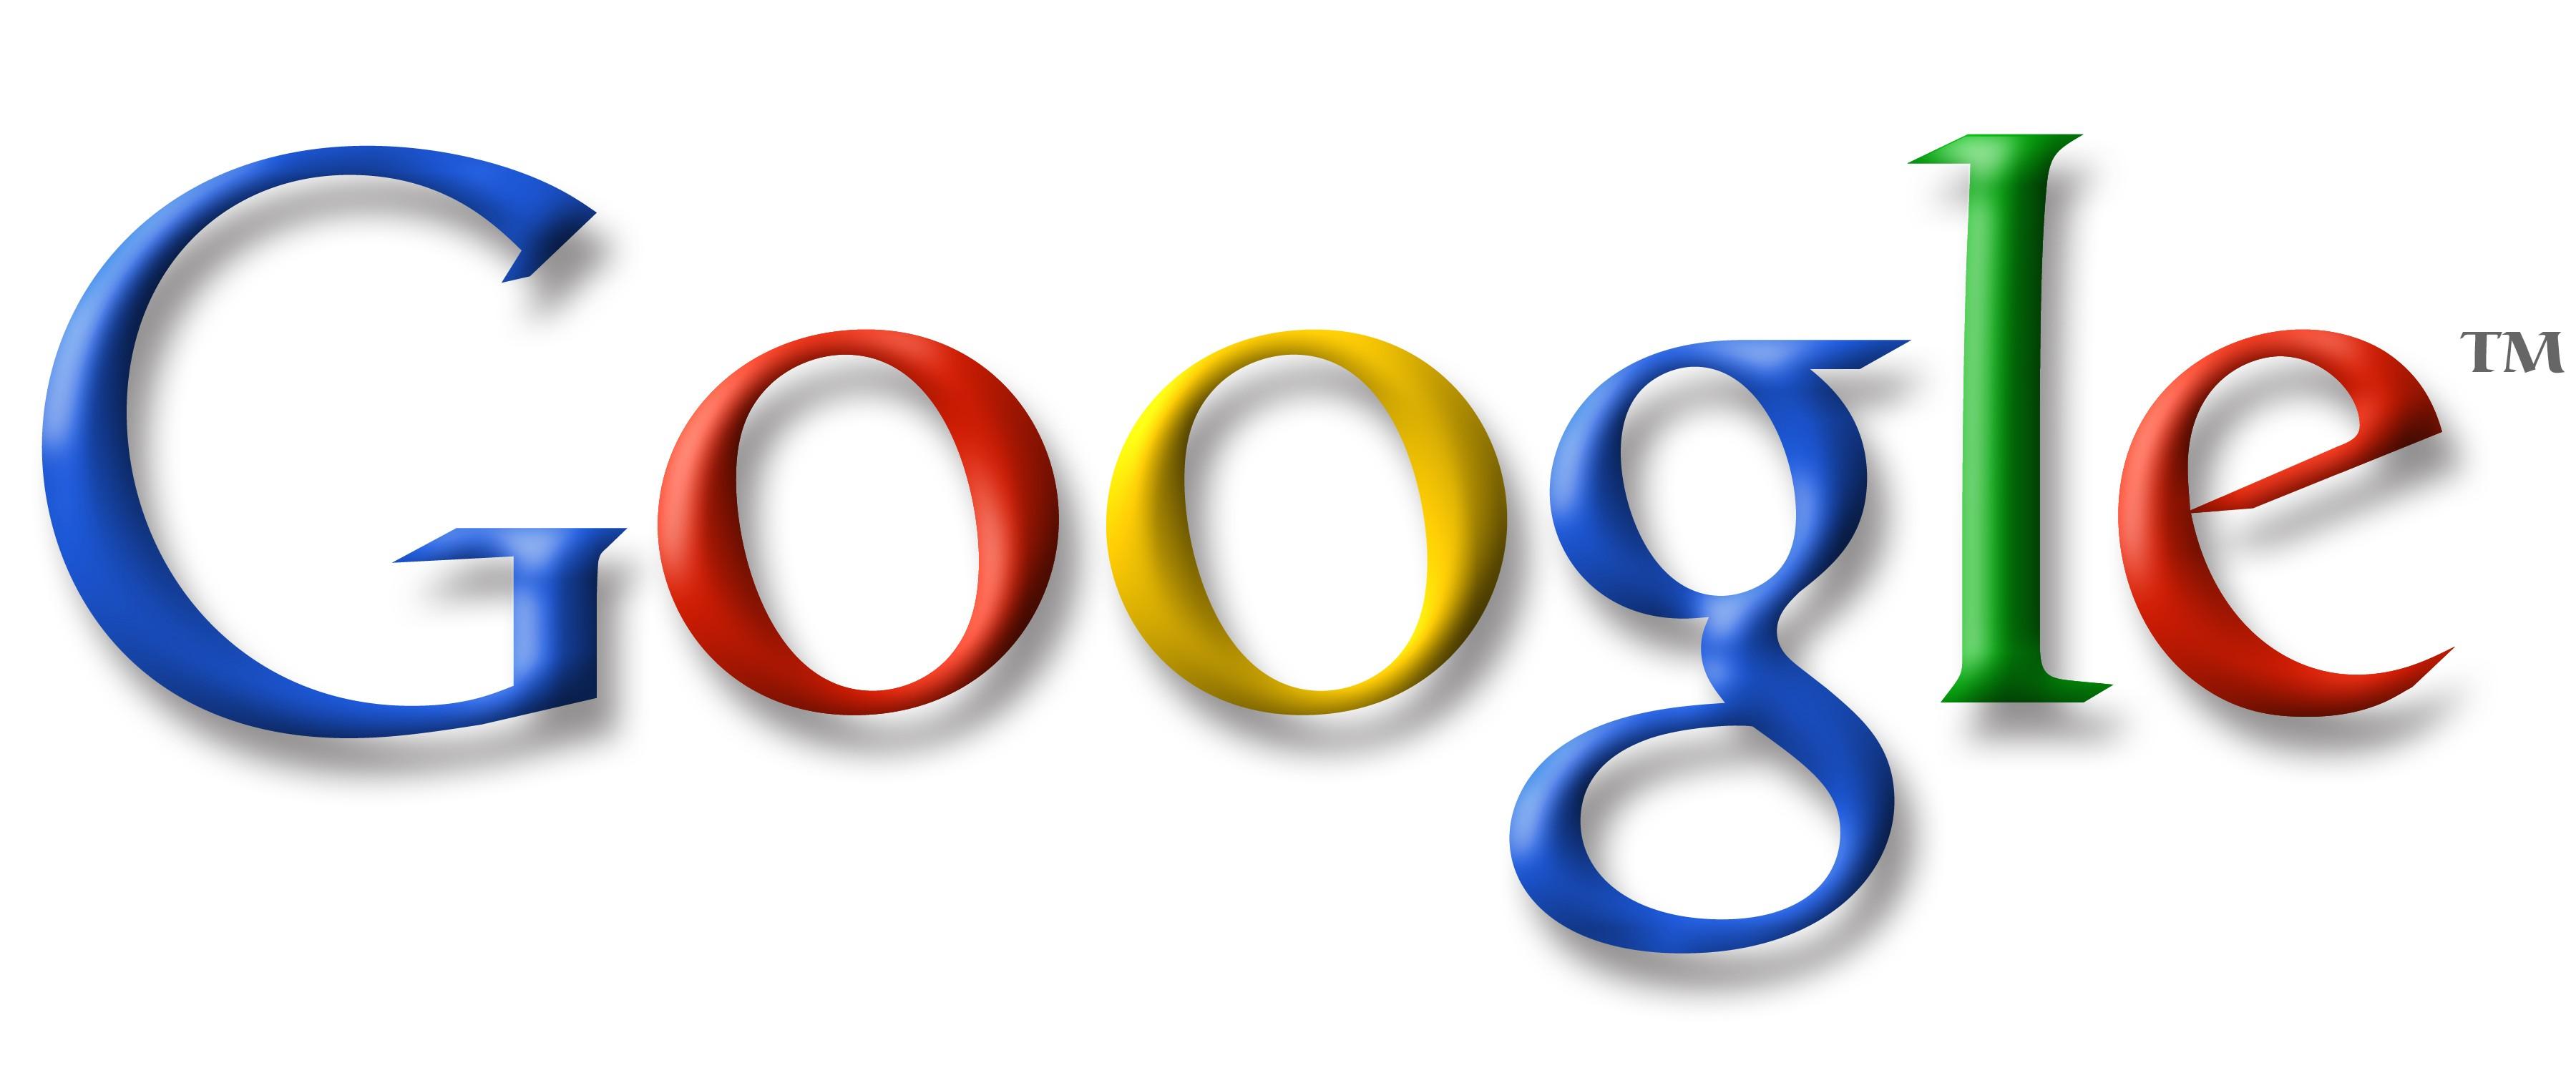 שם:  Google-logo1.jpg צפיות: 8328 גודל:  276.5 קילובייט